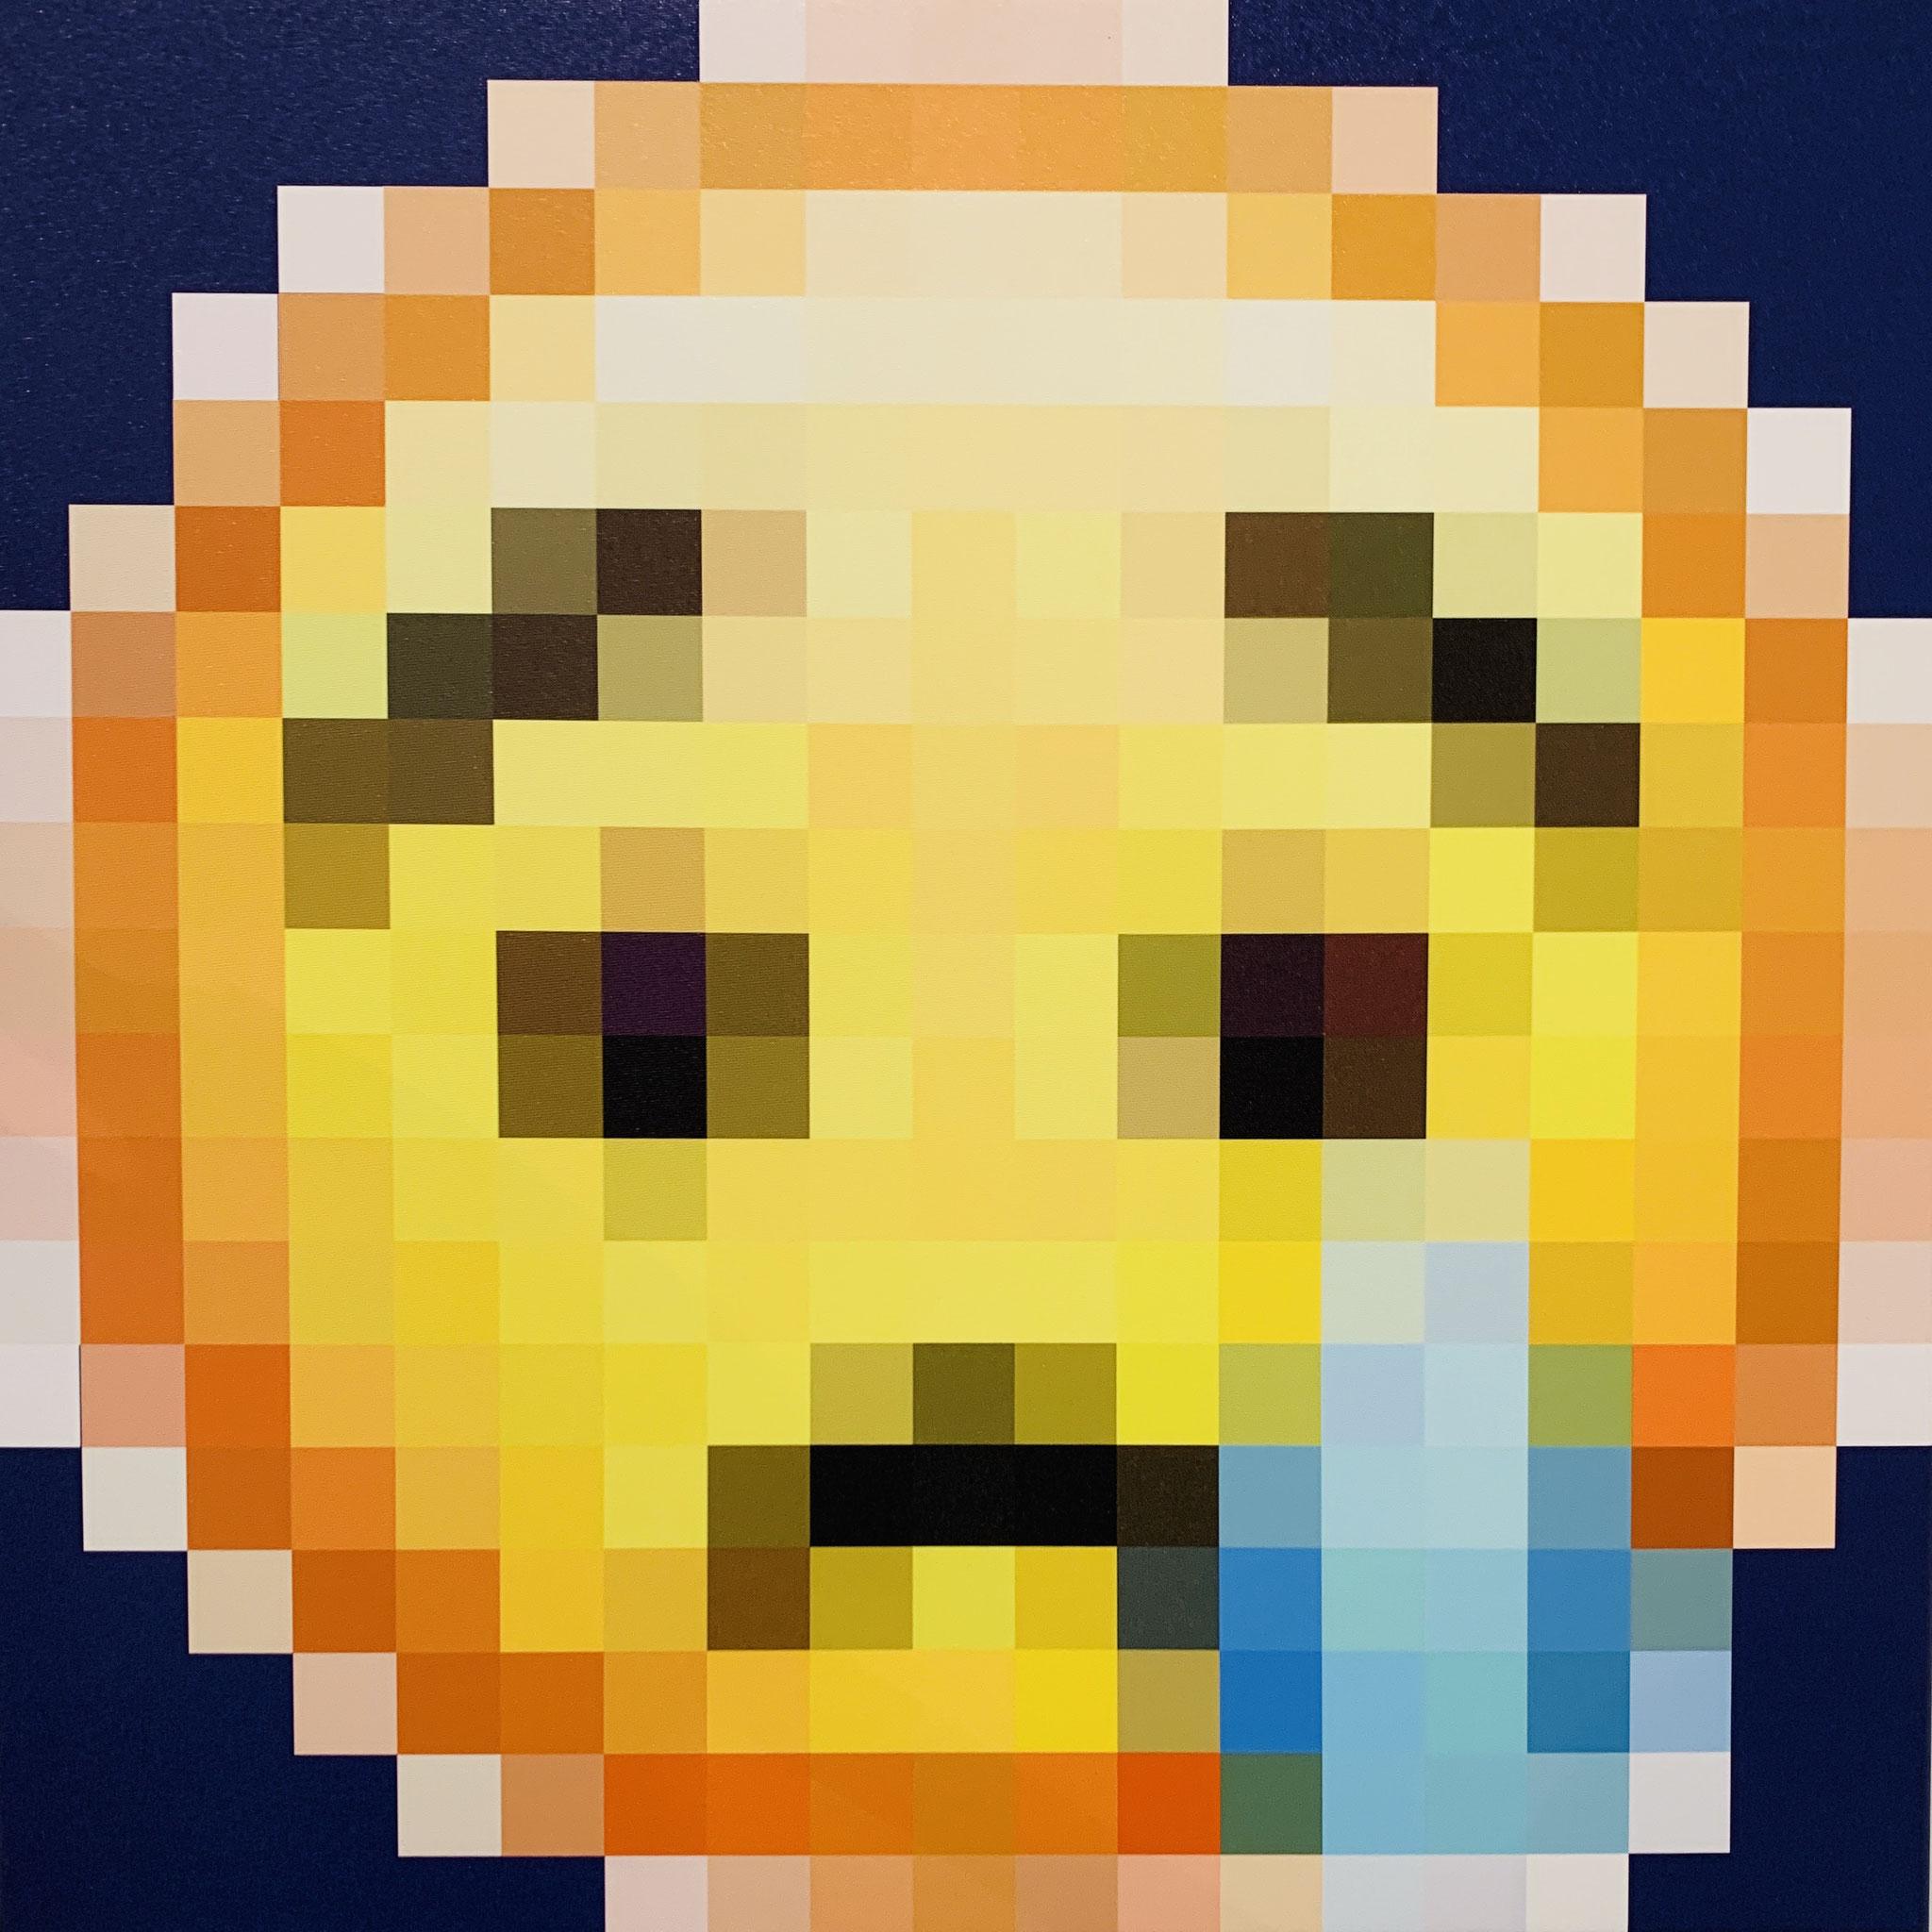 14. Klaus Ritt, Corona Emoji, Digitaldruck auf Leinwand, 600 x 600, 2020, Preis auf Anfrage